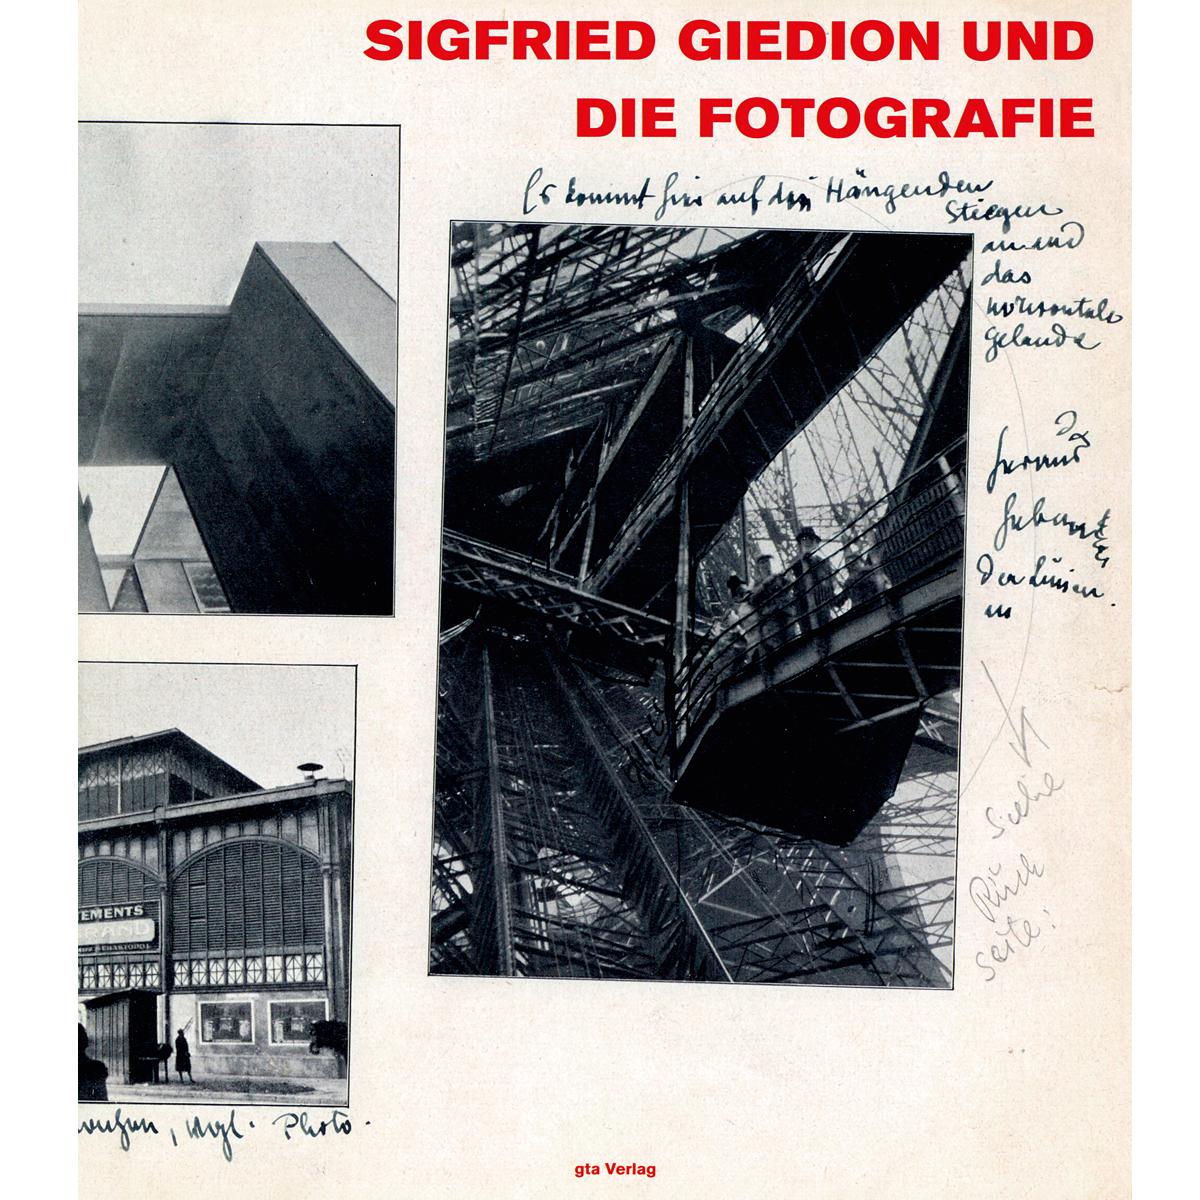 Sigfried Giedion und die Fotografie